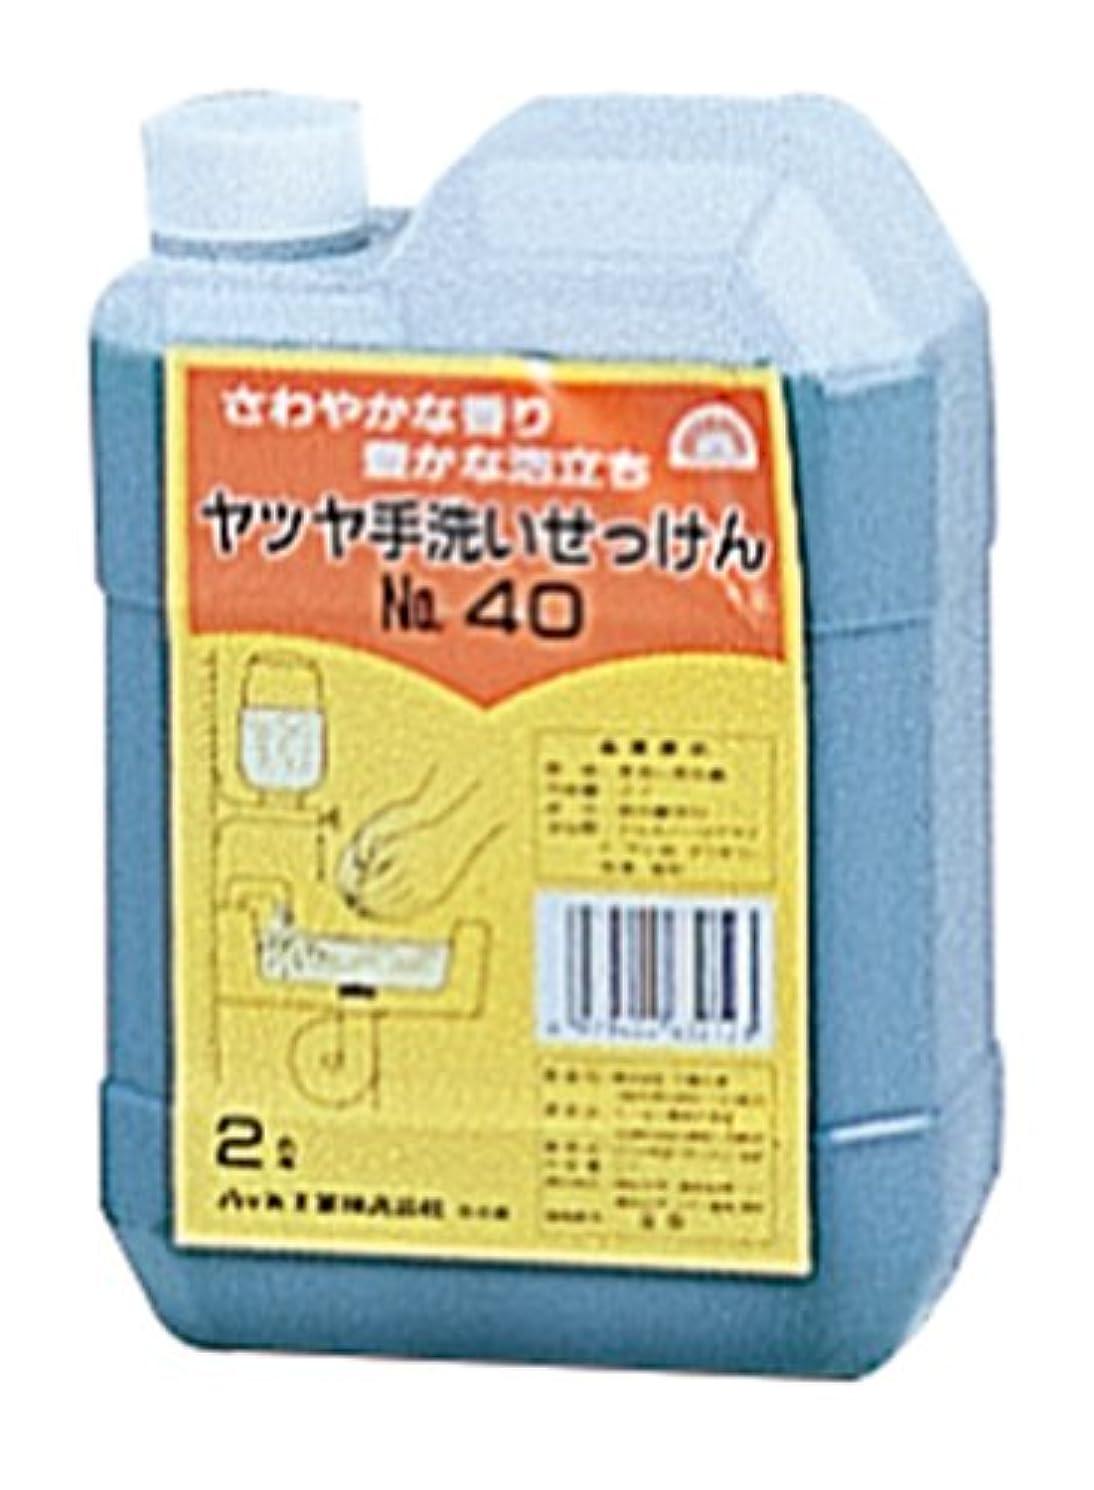 ほんの干し草キーYATSUYA 手洗いせっけん#40 2L 69064